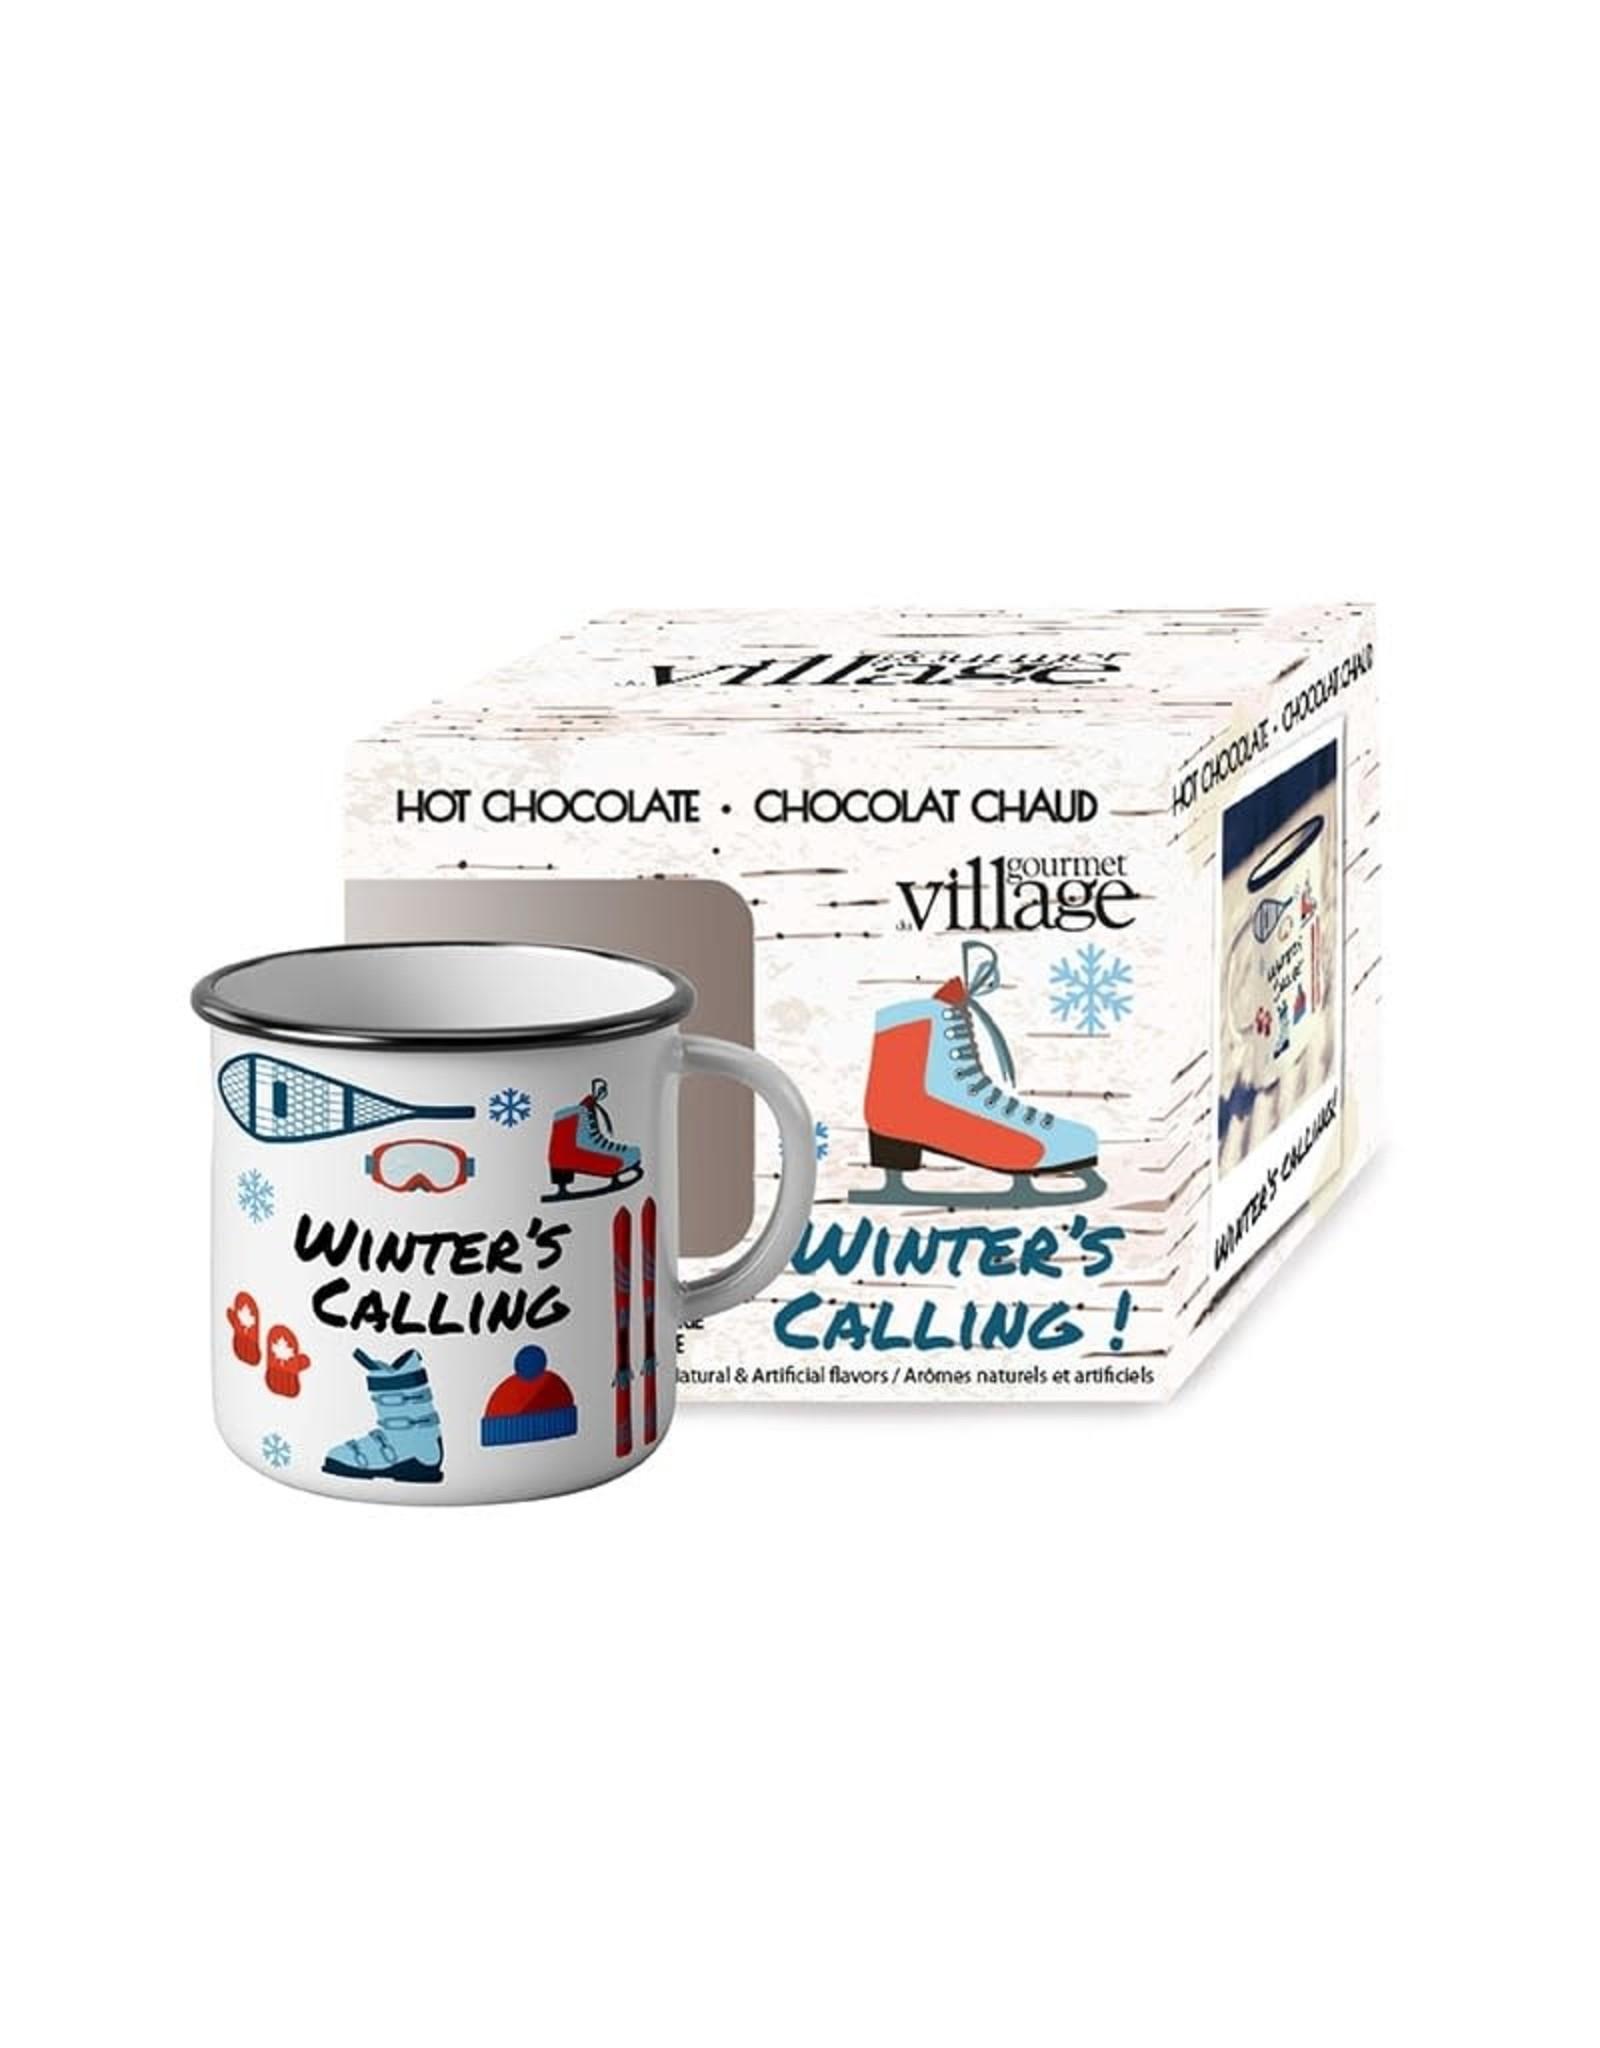 Gourmet Village Winter's Calling! Mug Kit